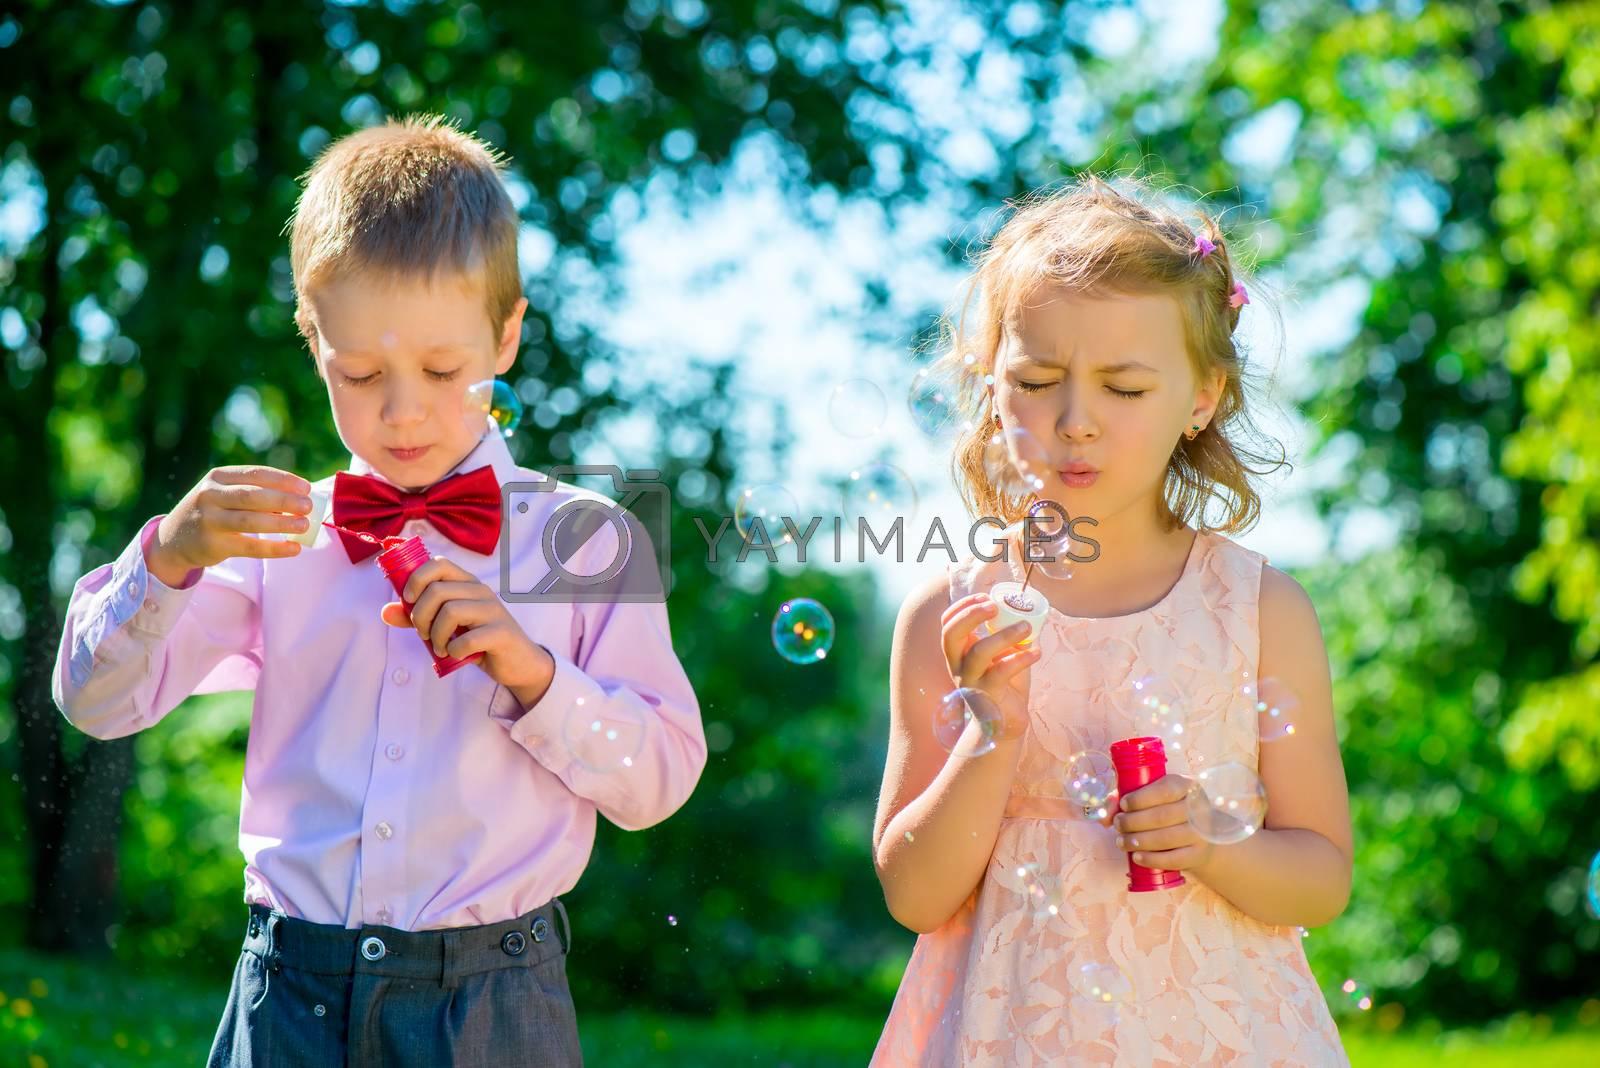 happy children doing soap bubbles outdoors